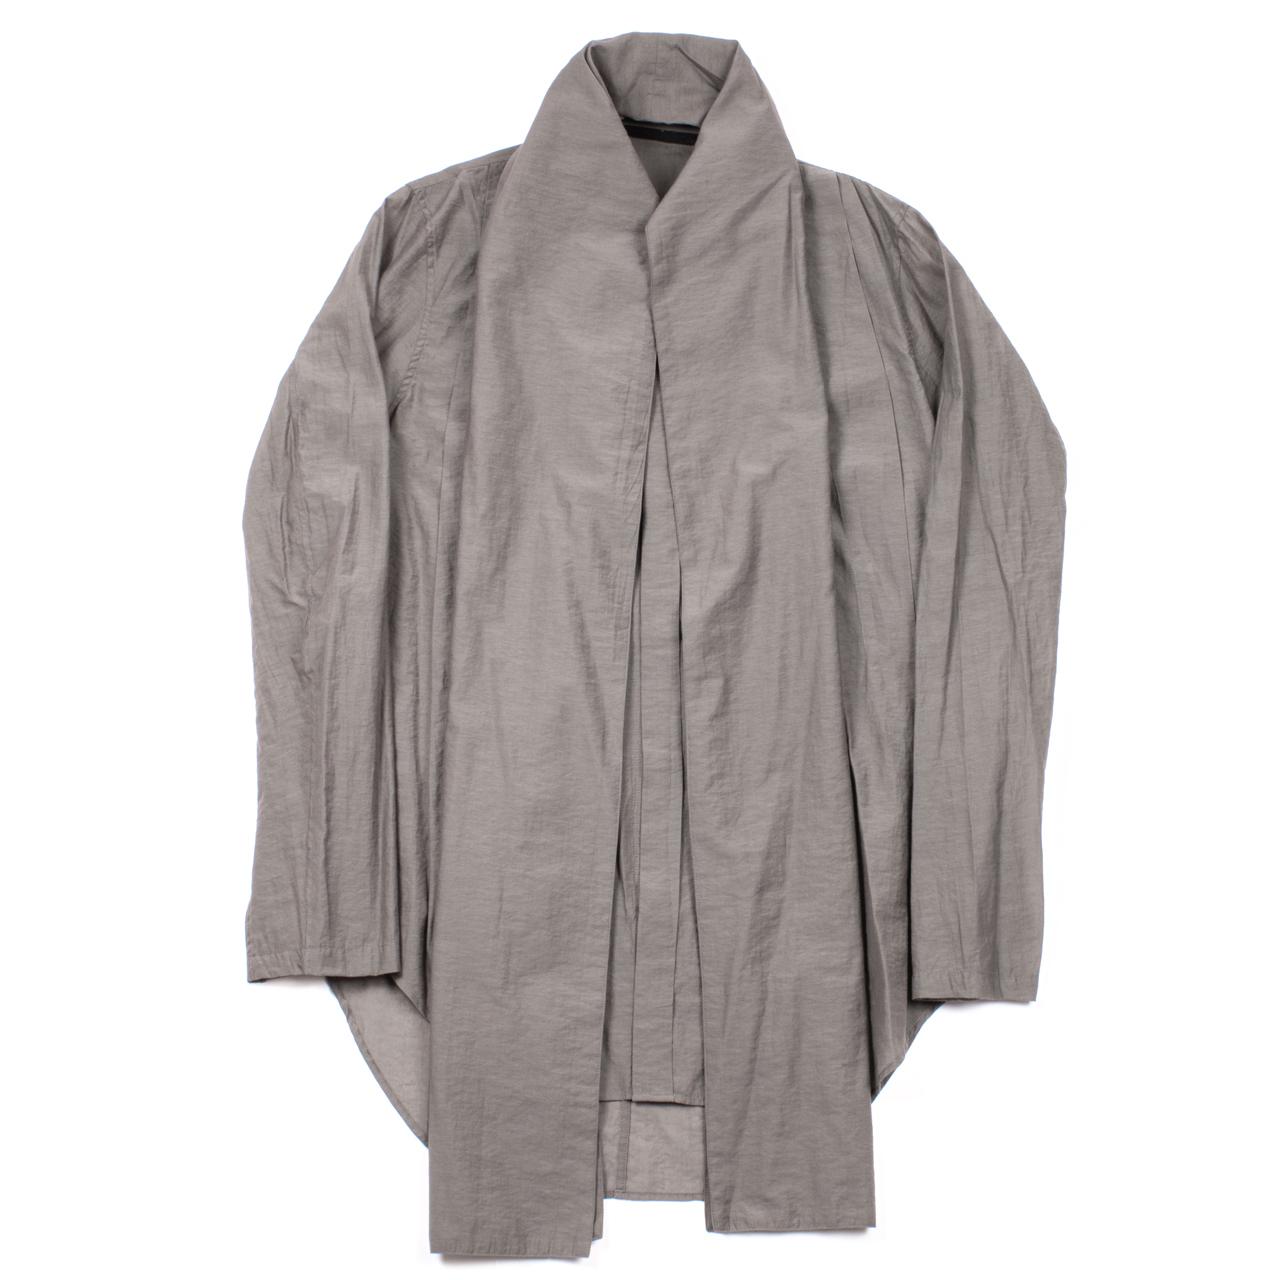 717SHM2-STEEL / スカーフカラーシャツ